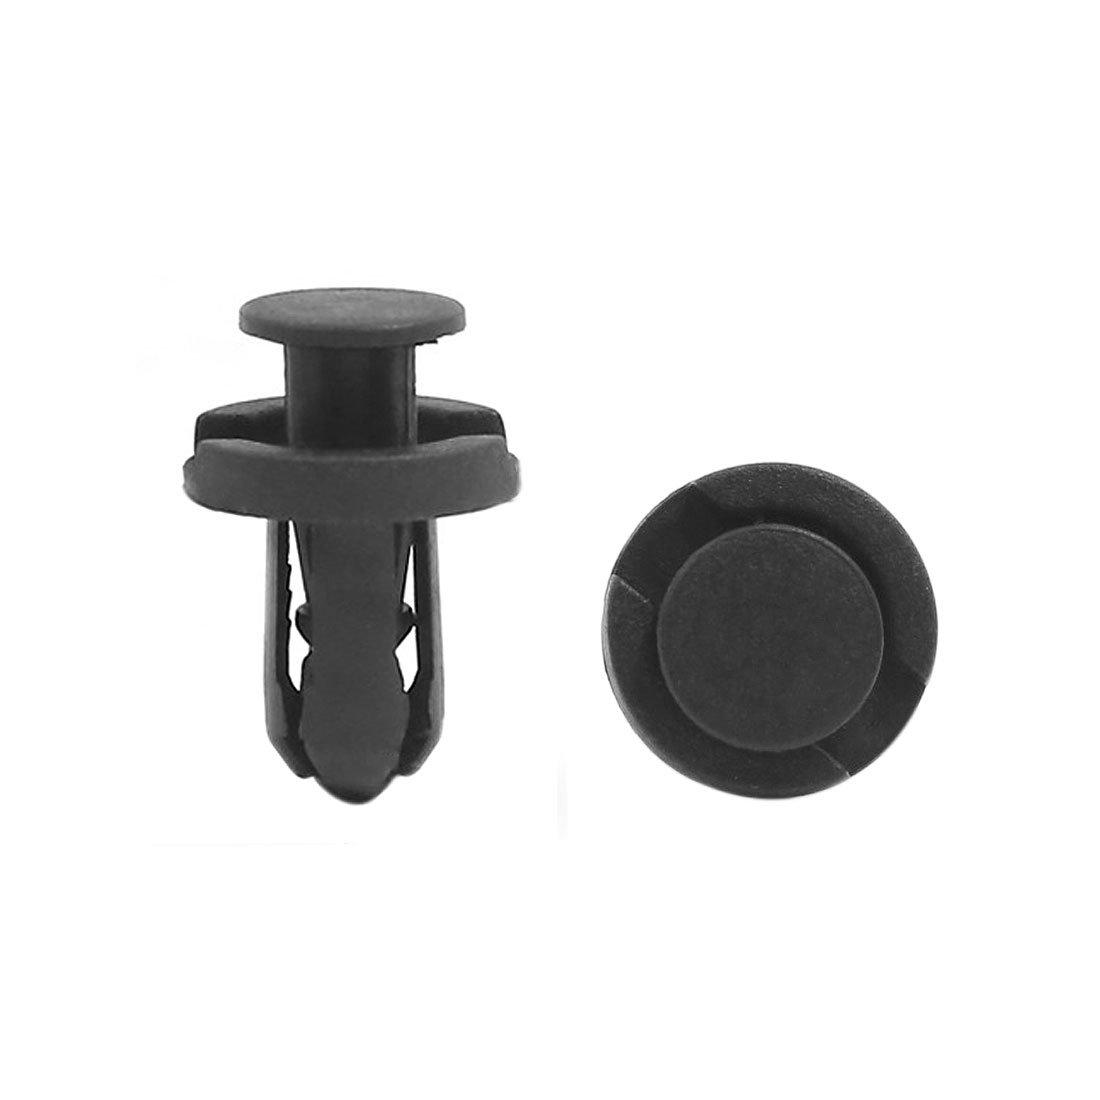 Sourcing map Sourcingmap® 100pcs 10mm Plastique Trou Bumper Clips Panneau Garniture Fermeture Clip Noir a16062100ux0309